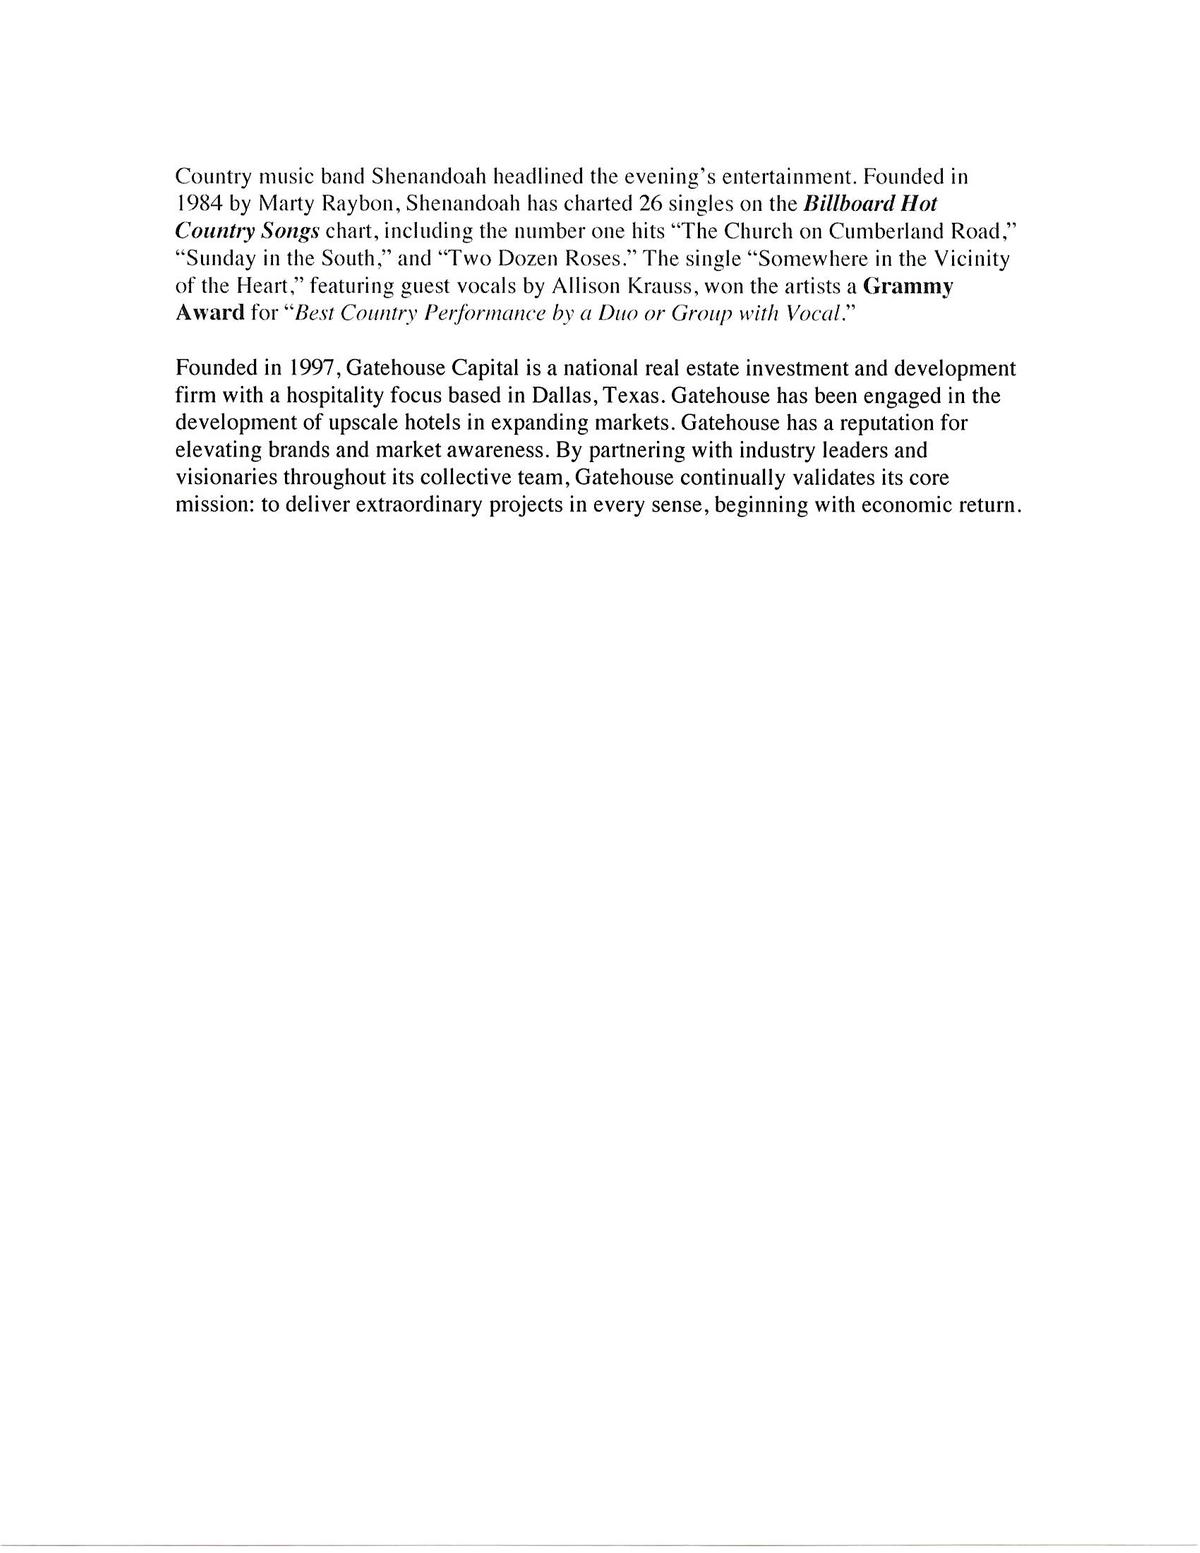 Shenandoah page 2.JPG